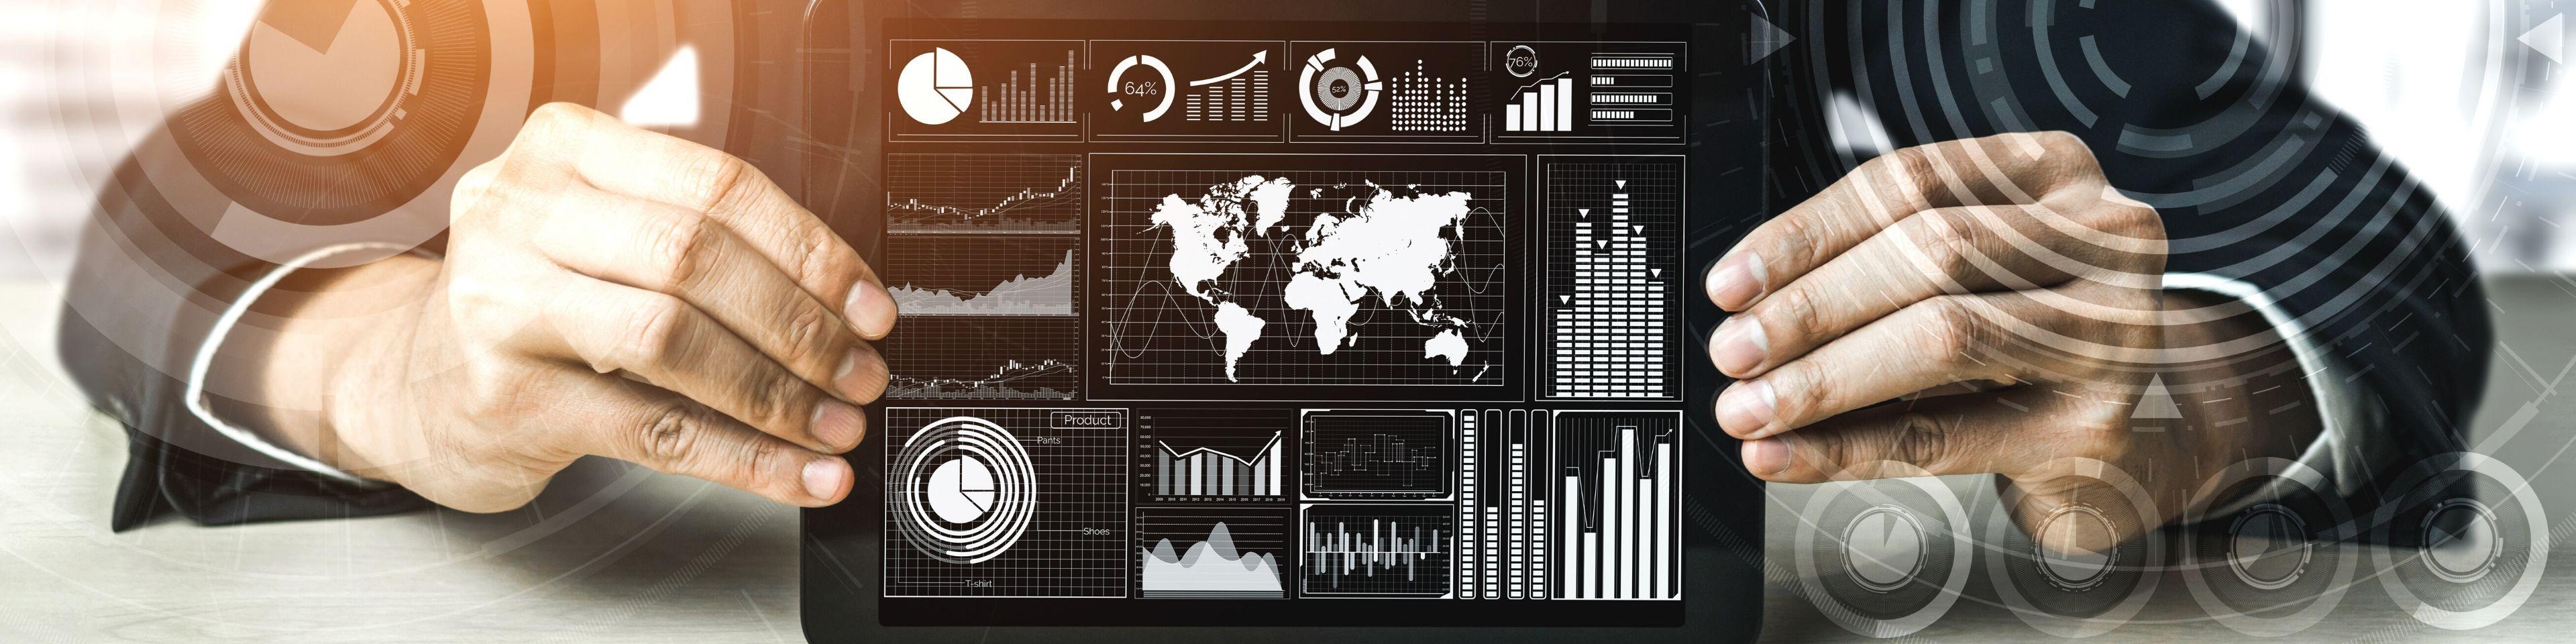 Les signes révélateurs que votre département juridique a besoin d'une stratégie digitale